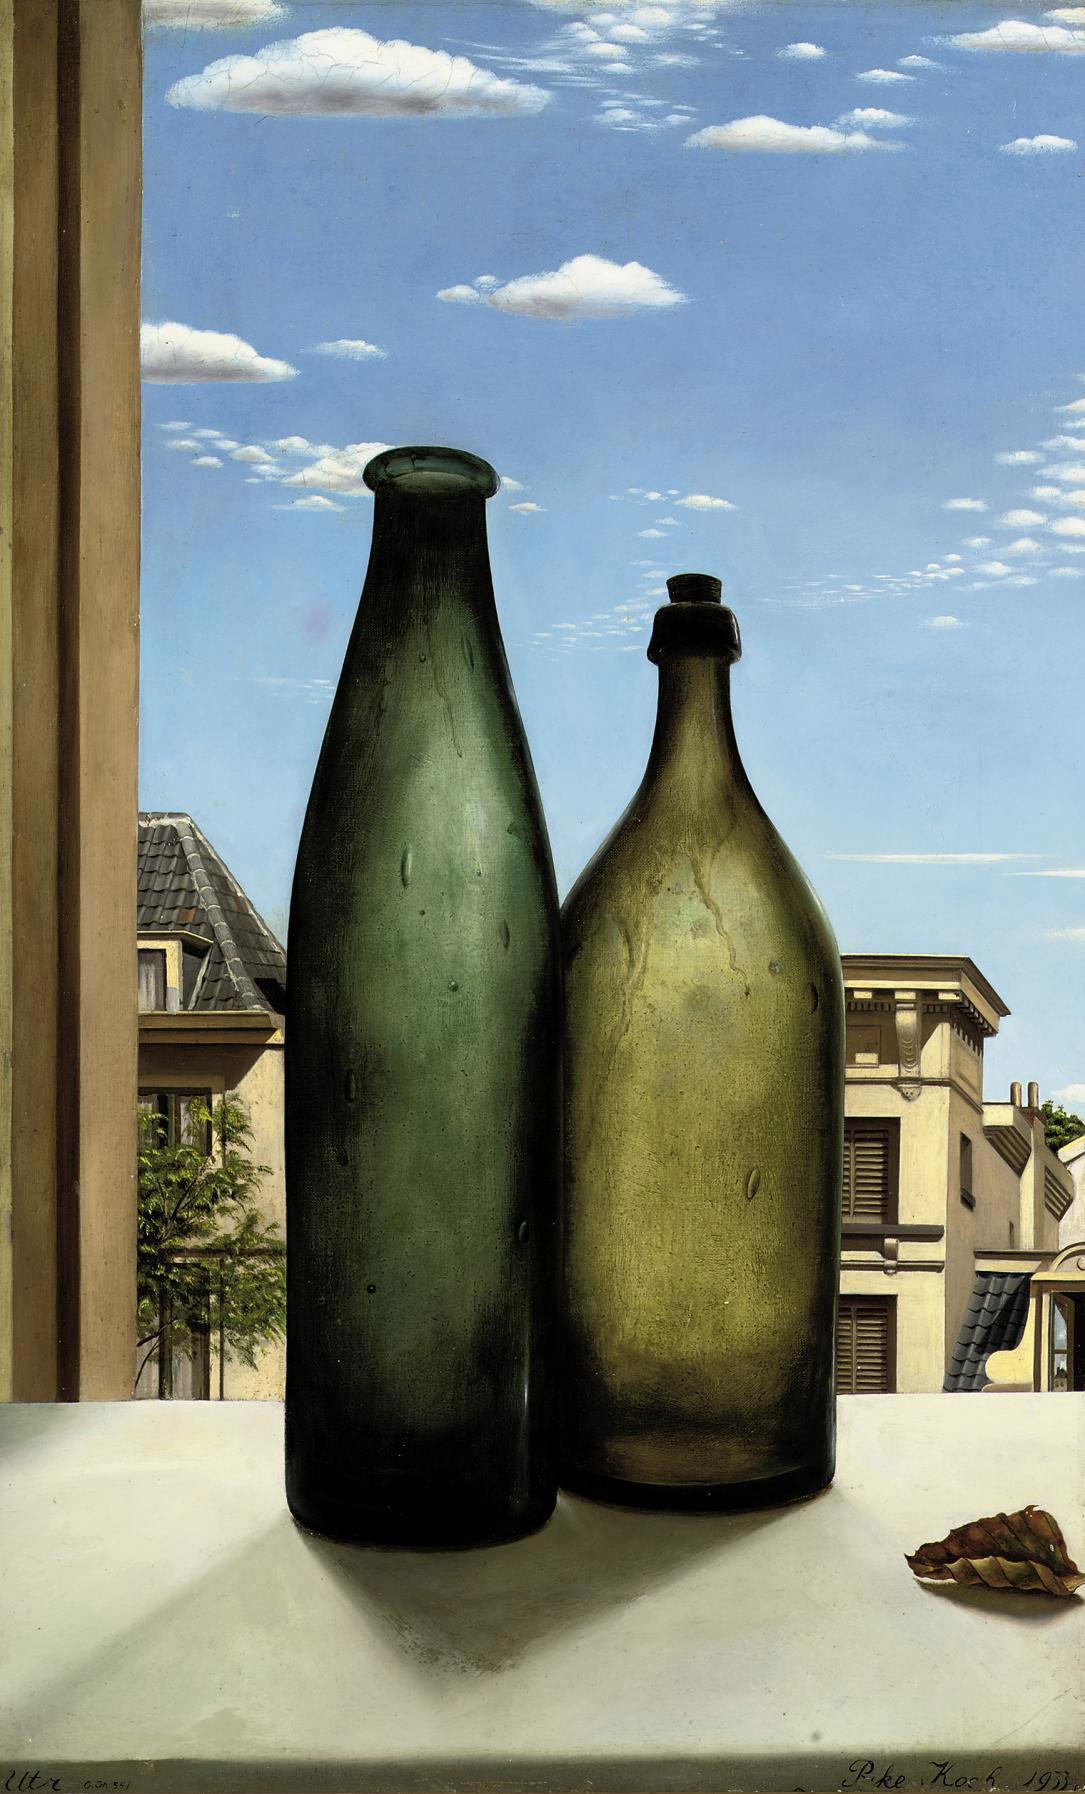 Stilleven met twee flessen: bottles in an open window